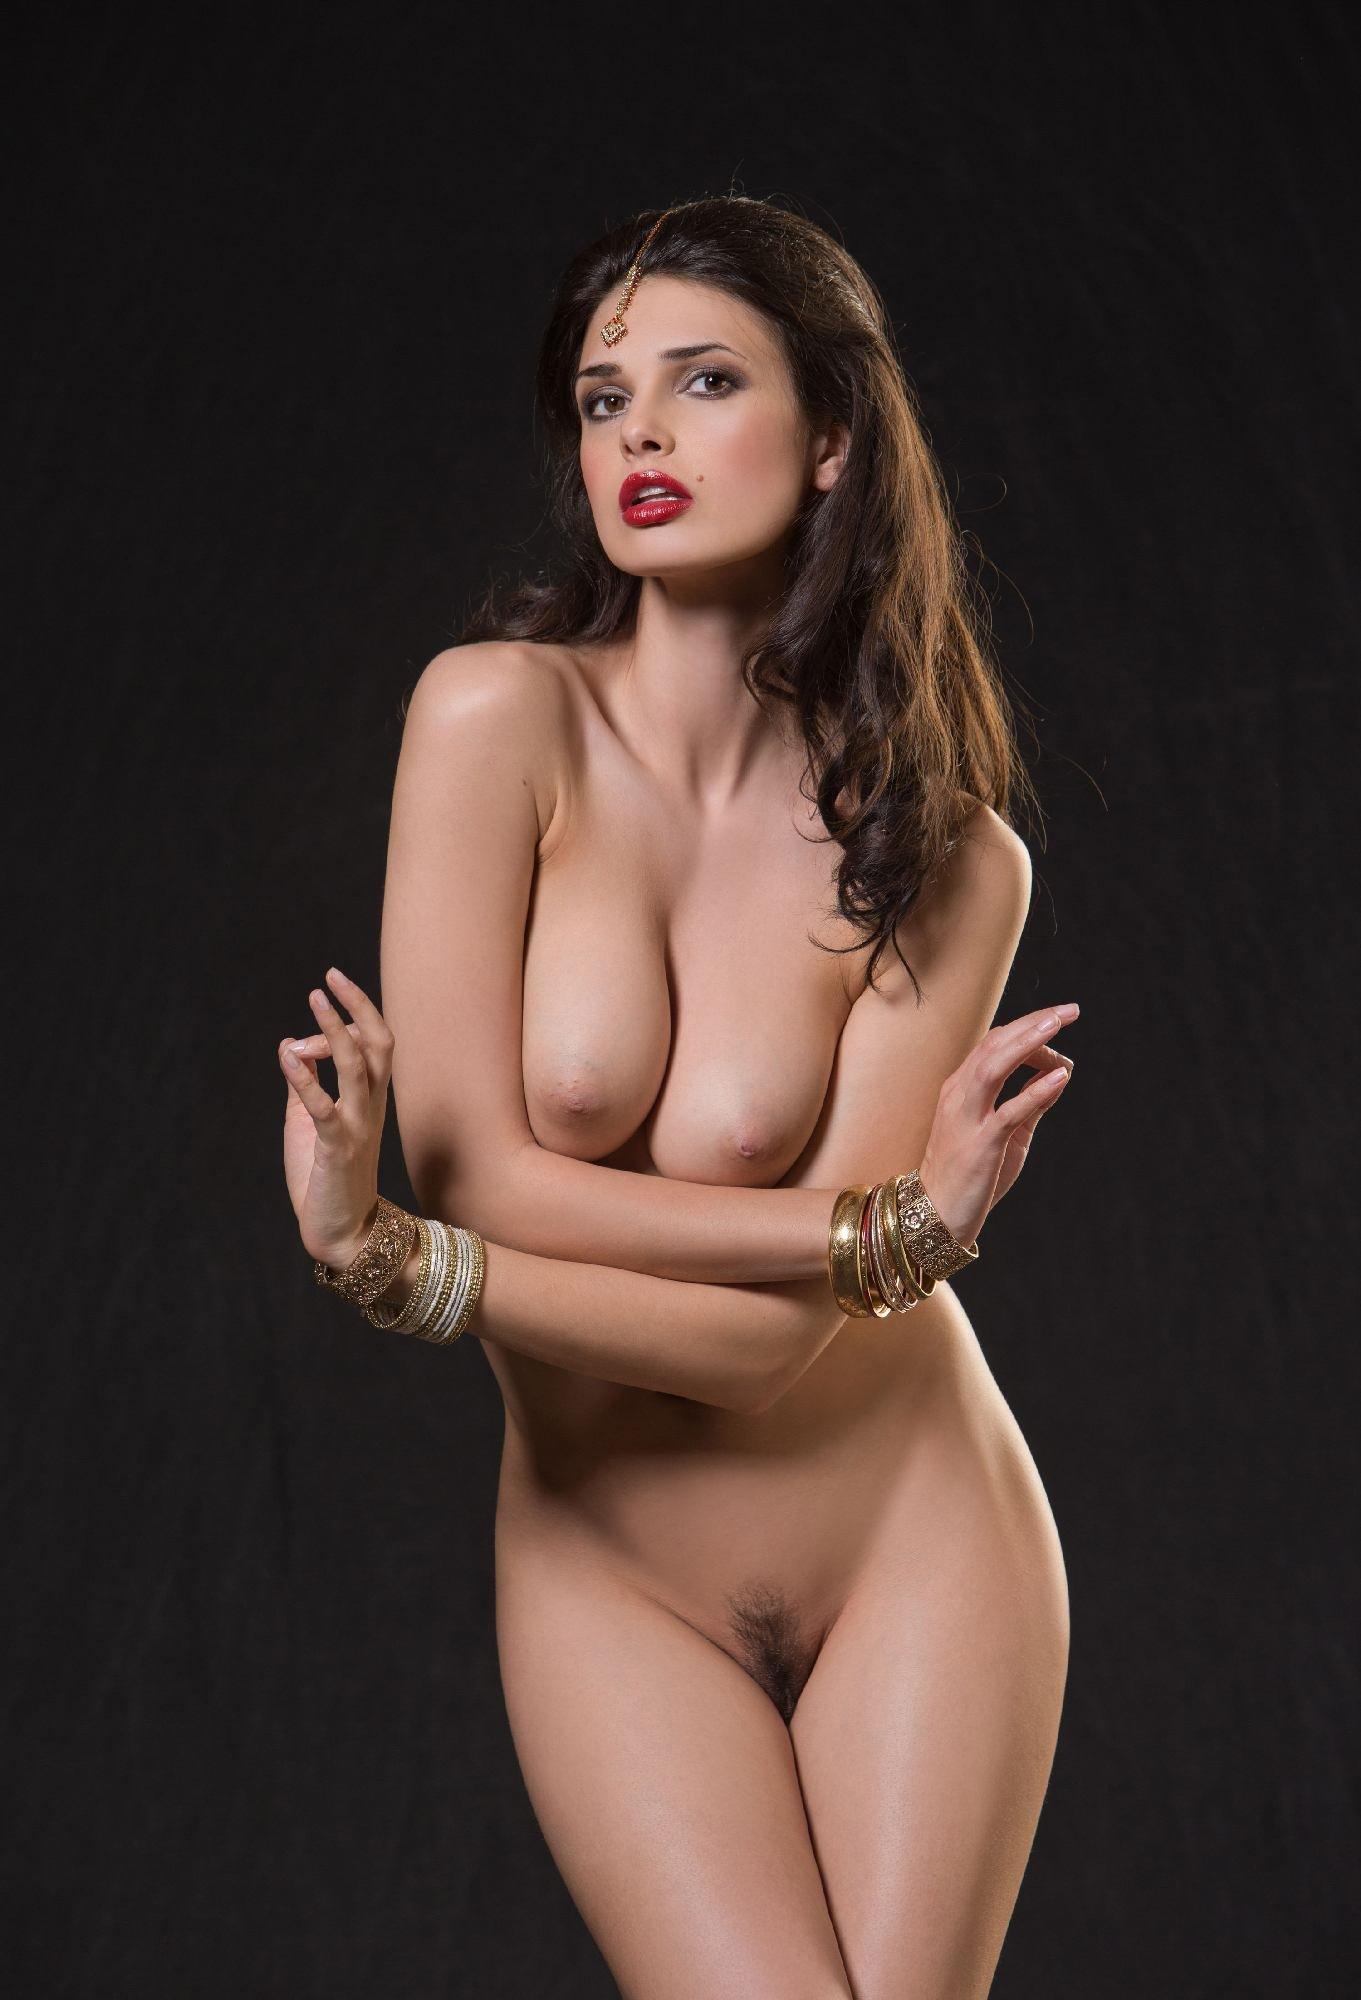 Восточные девушки фото голых, порно с русскими пожилыми пьяными